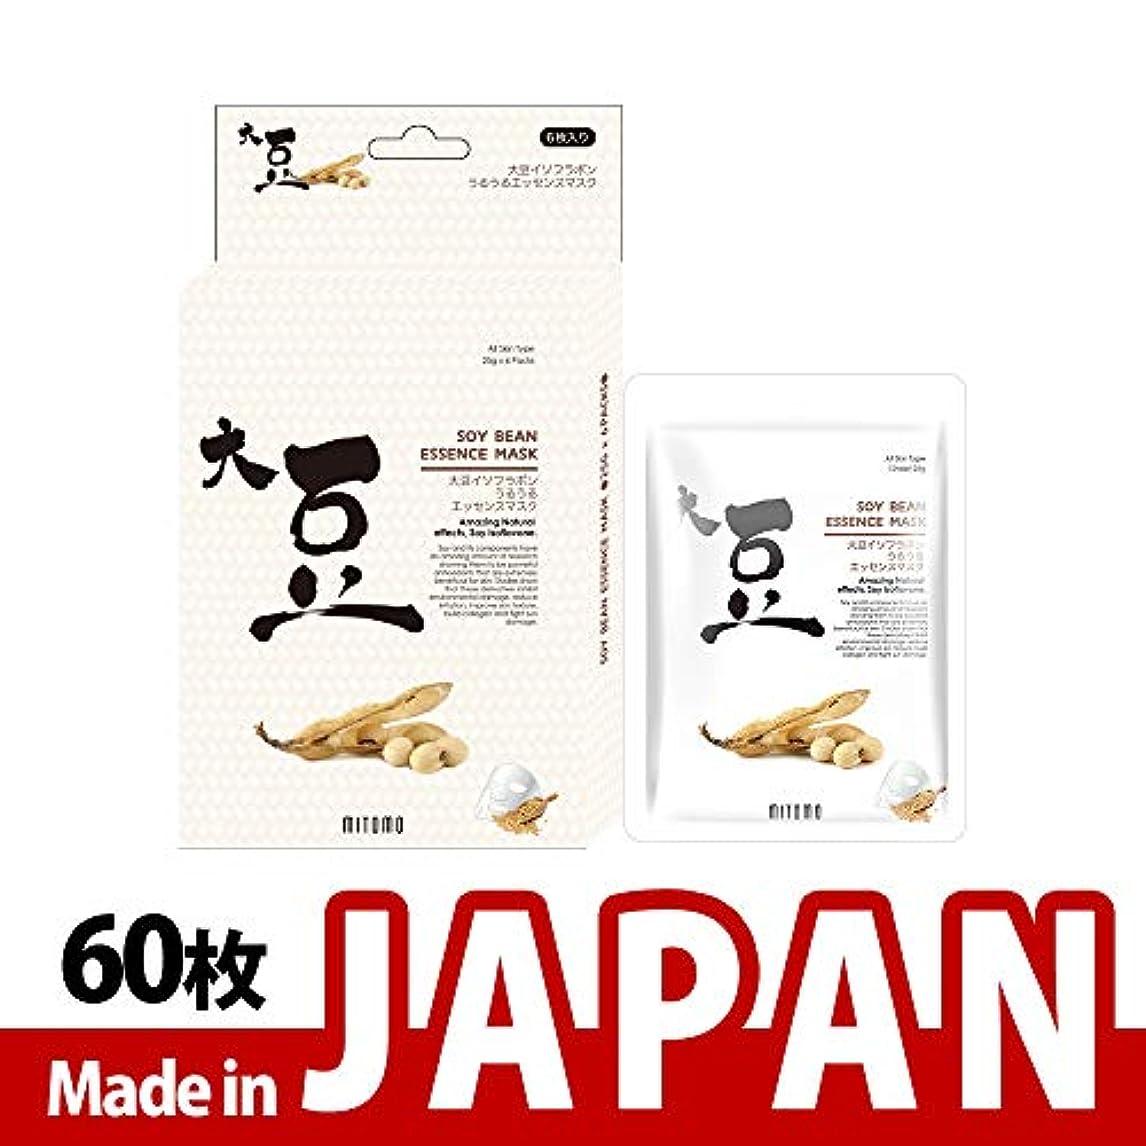 損なう劣る注入するMITOMO【JP512-D-2】日本製シートマスク/6枚入り/60枚/美容液/マスクパック/送料無料